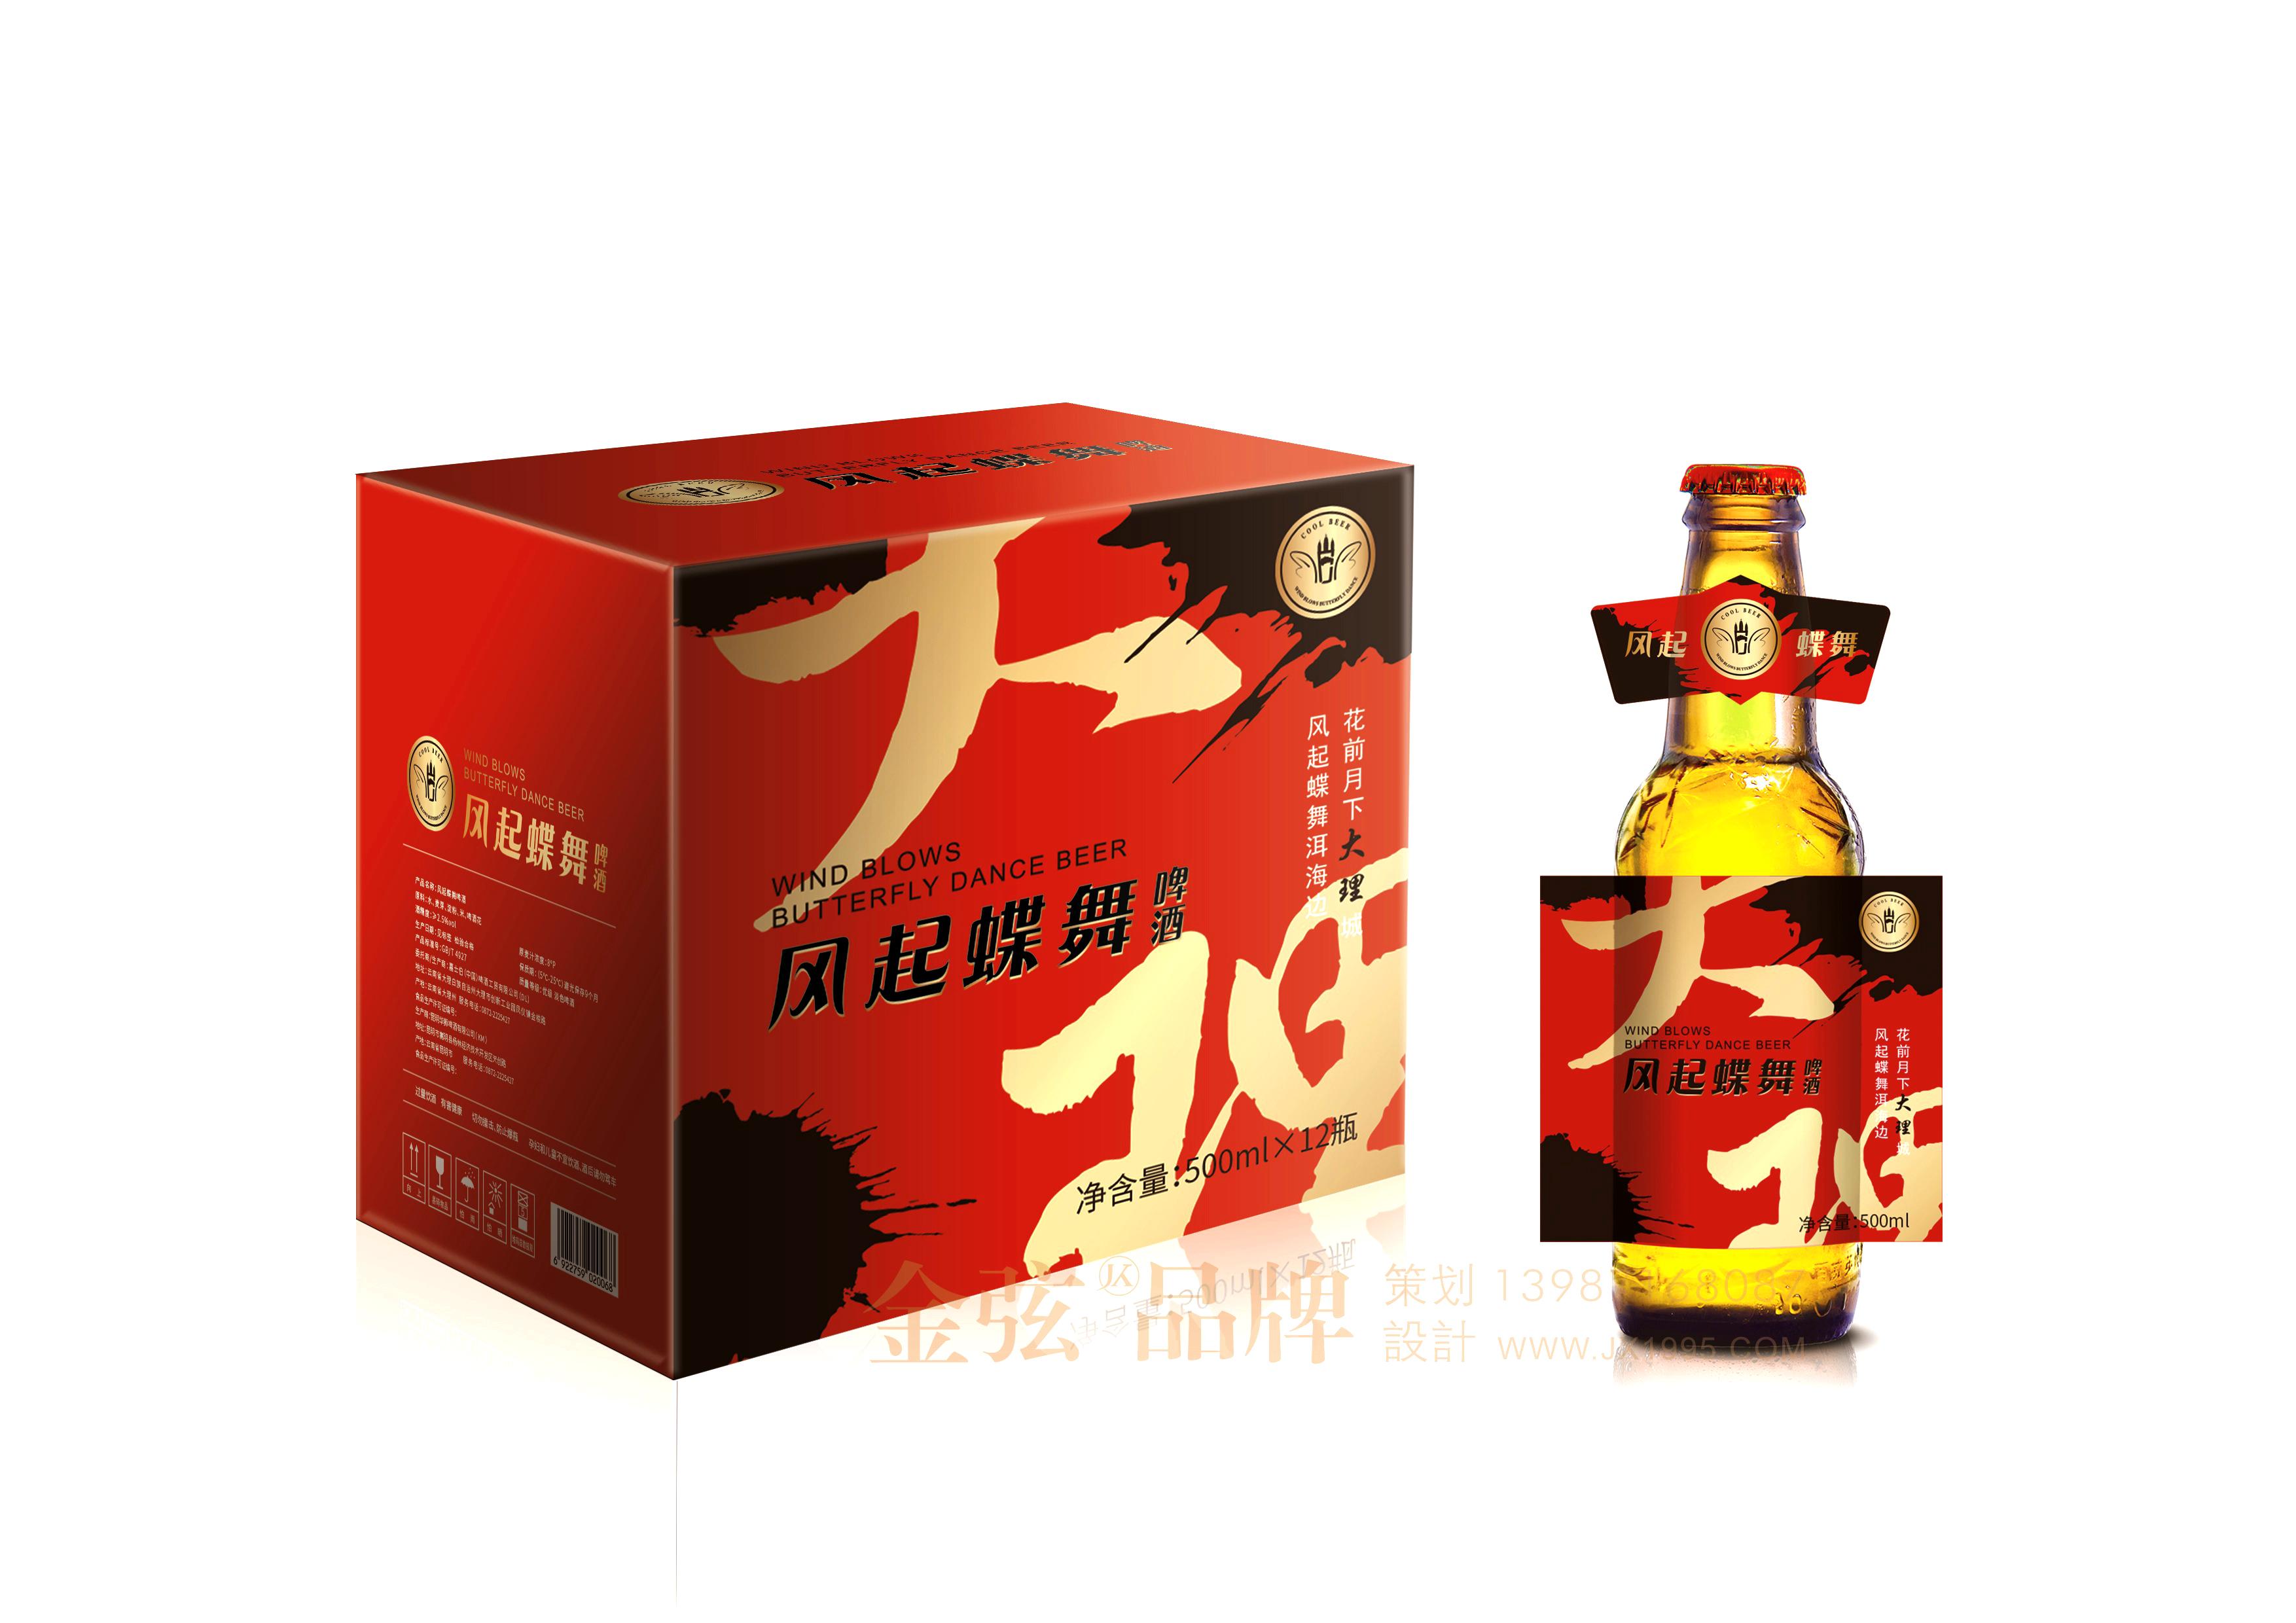 风起蝶舞啤酒包装设计 包装设计 客户资料  第2张